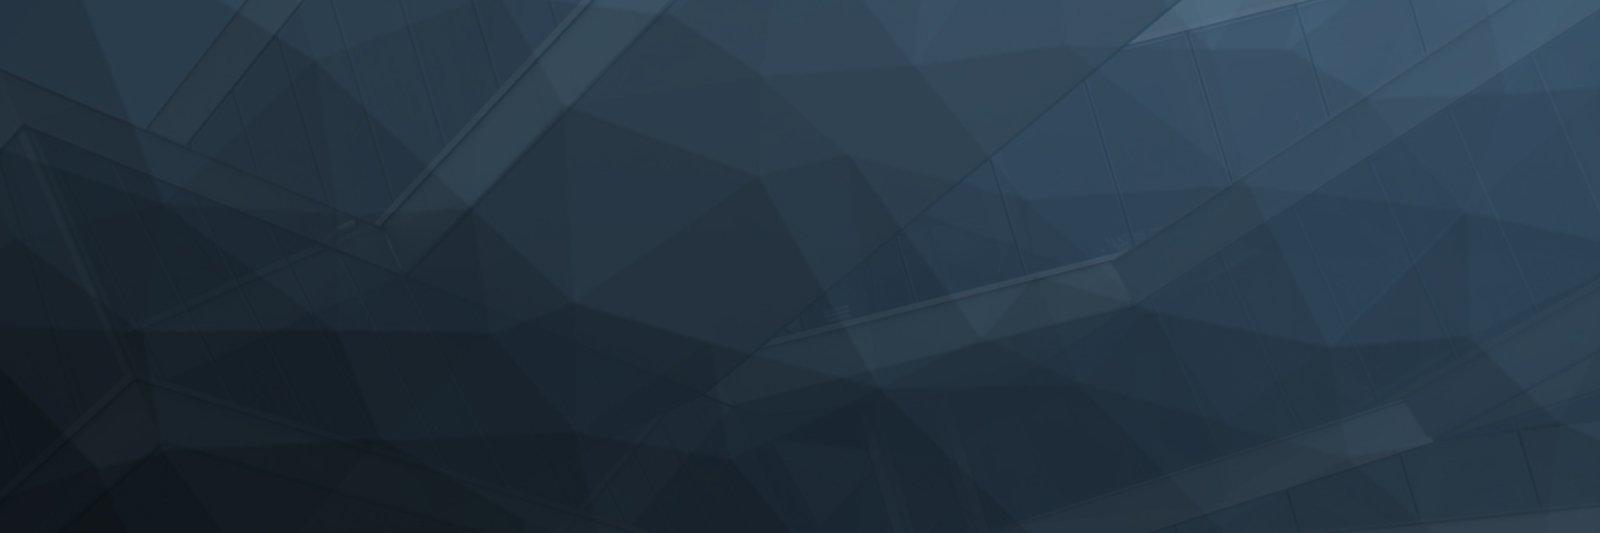 Bannerbillede til siden hjemmeside